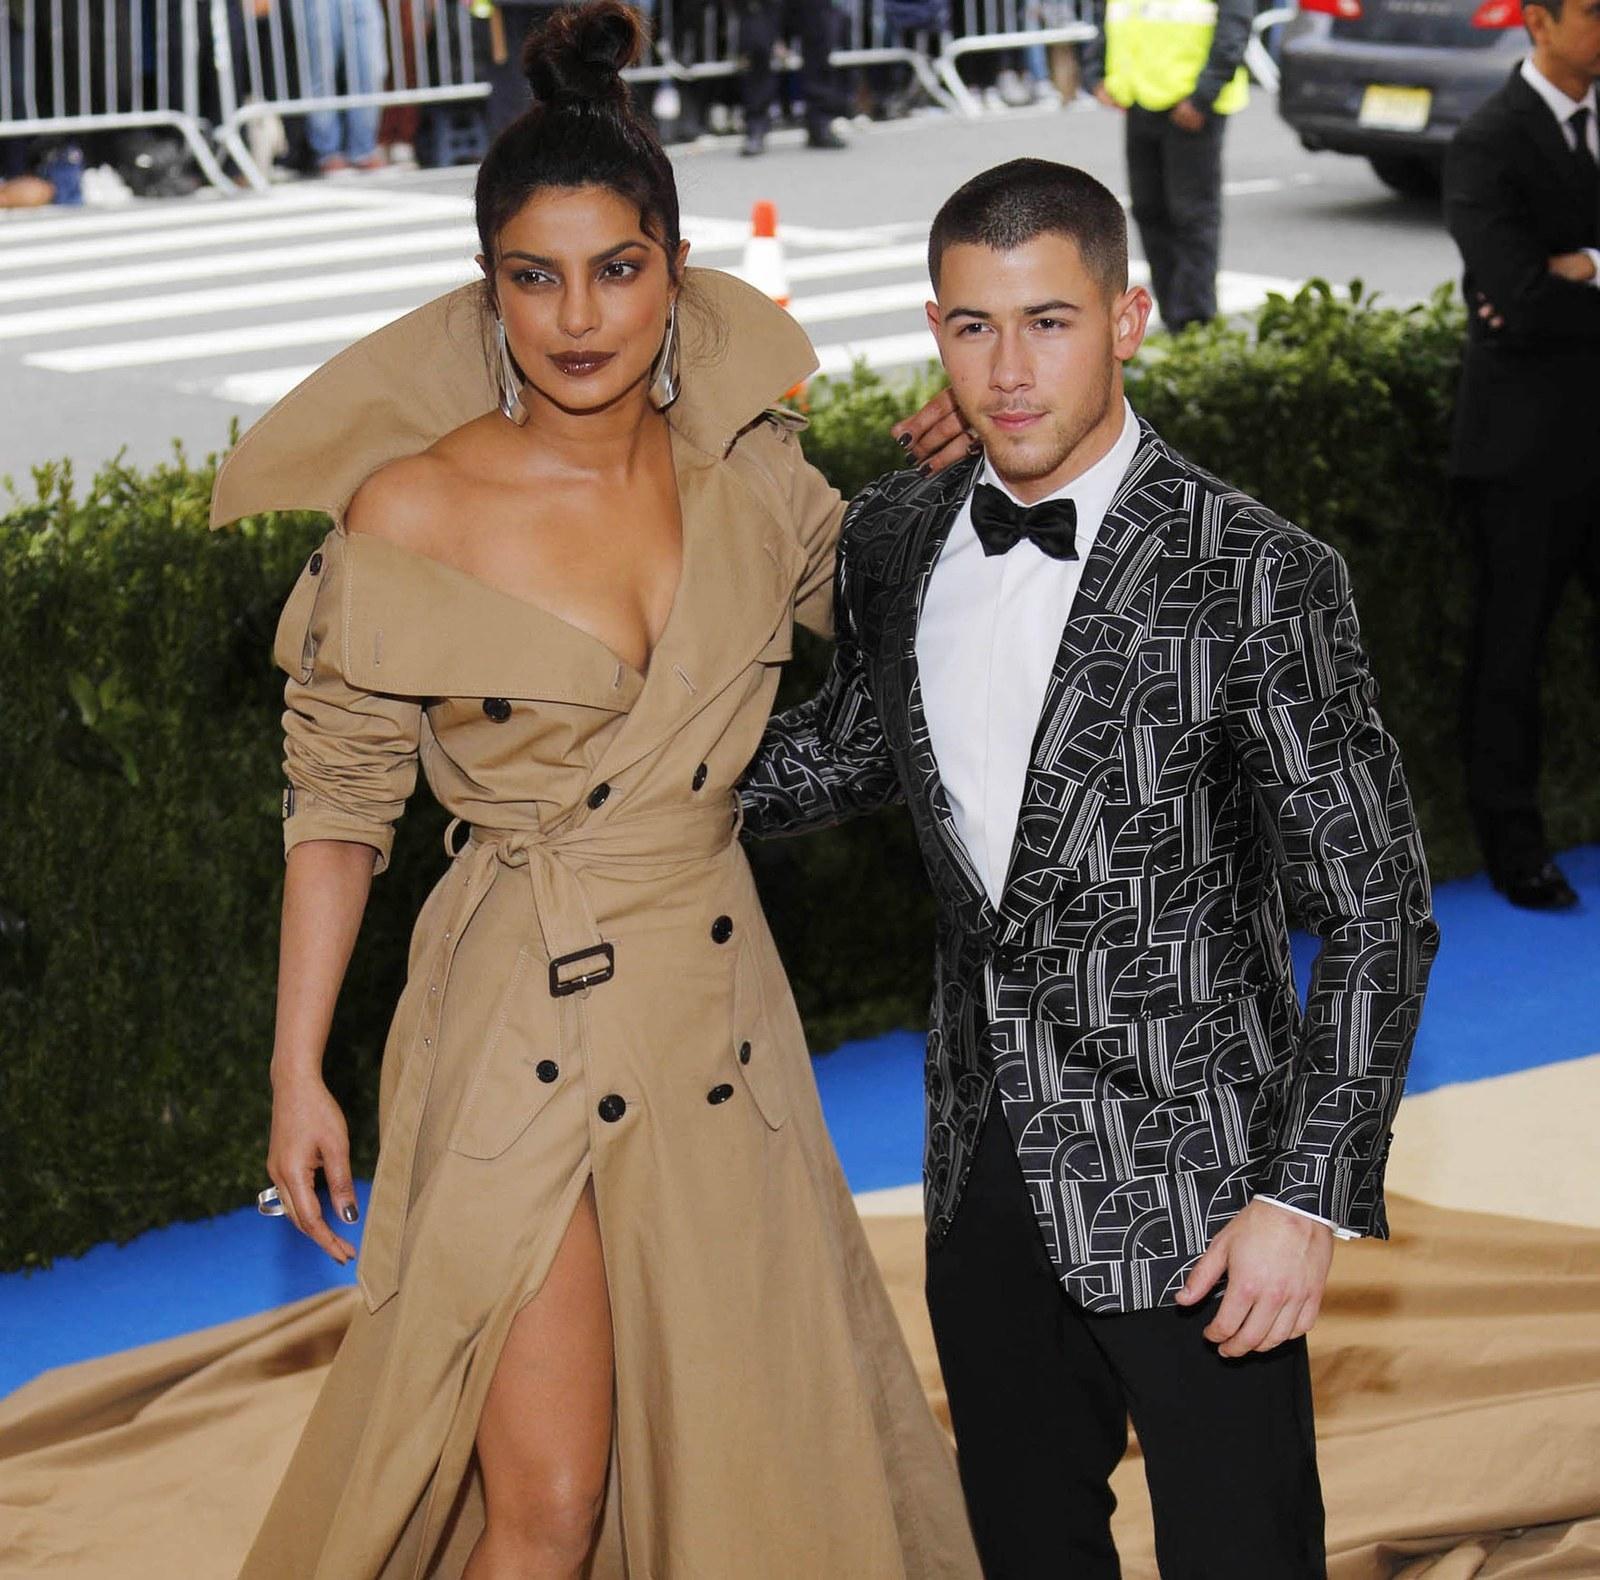 Nick Jonas And Priyanka Chopra Are Reportedly Dating And